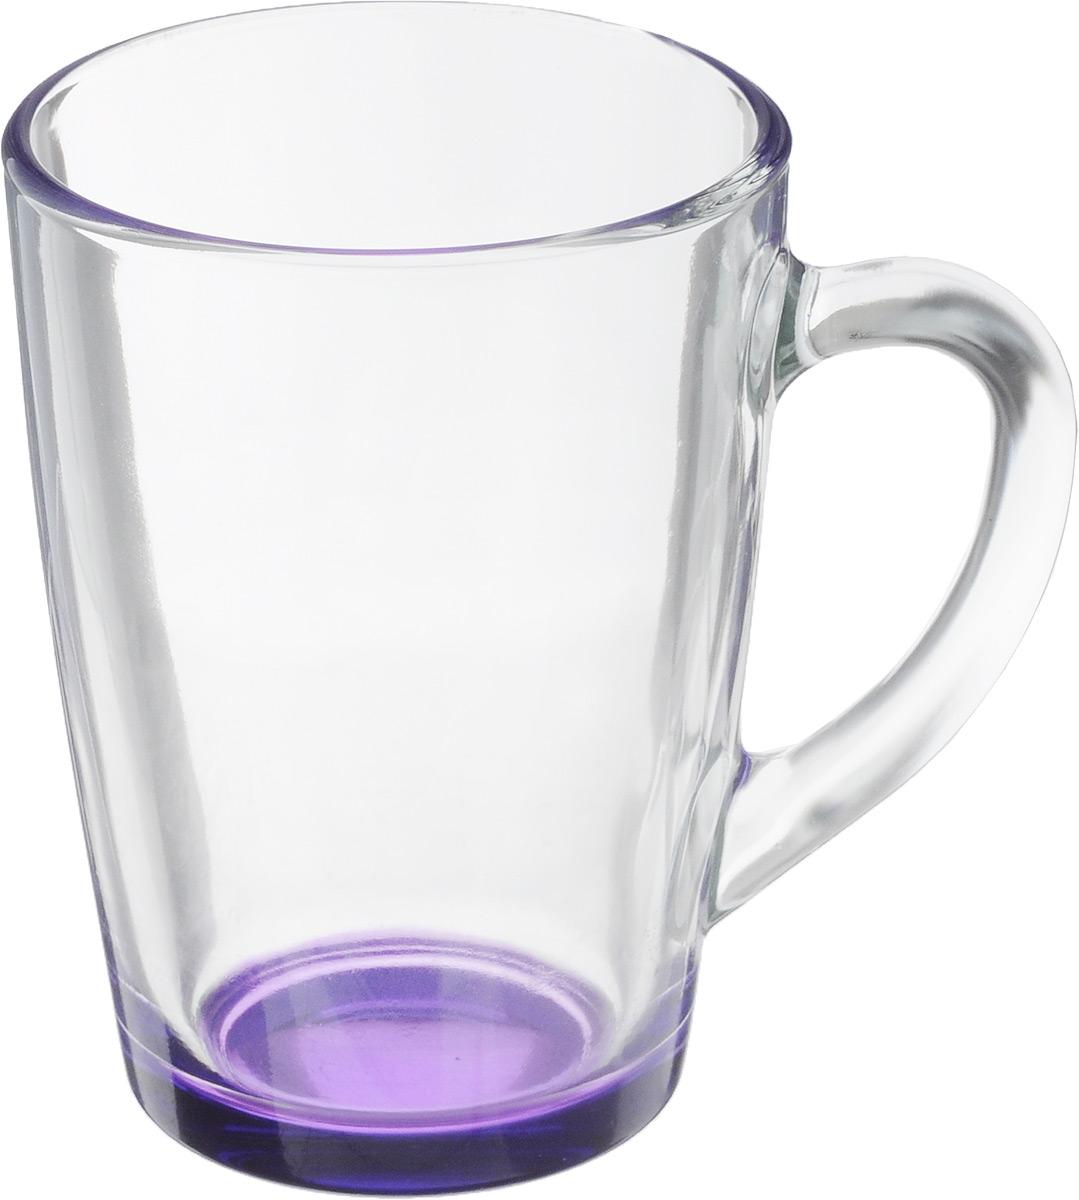 Кружка OSZ Капучино, цвет: прозрачный, фиолетовый, 300 мл. 07C1334LM54 009312Кружка OSZ Капучино изготовлена из стекла двух цветов. Изделие идеально подходит для сервировки стола.Кружка не только украсит ваш кухонный стол, но и подчеркнет прекрасный вкус хозяйки. Диаметр кружки (по верхнему краю): 8 см. Высота кружки: 11 см. Объем кружки: 300 мл.